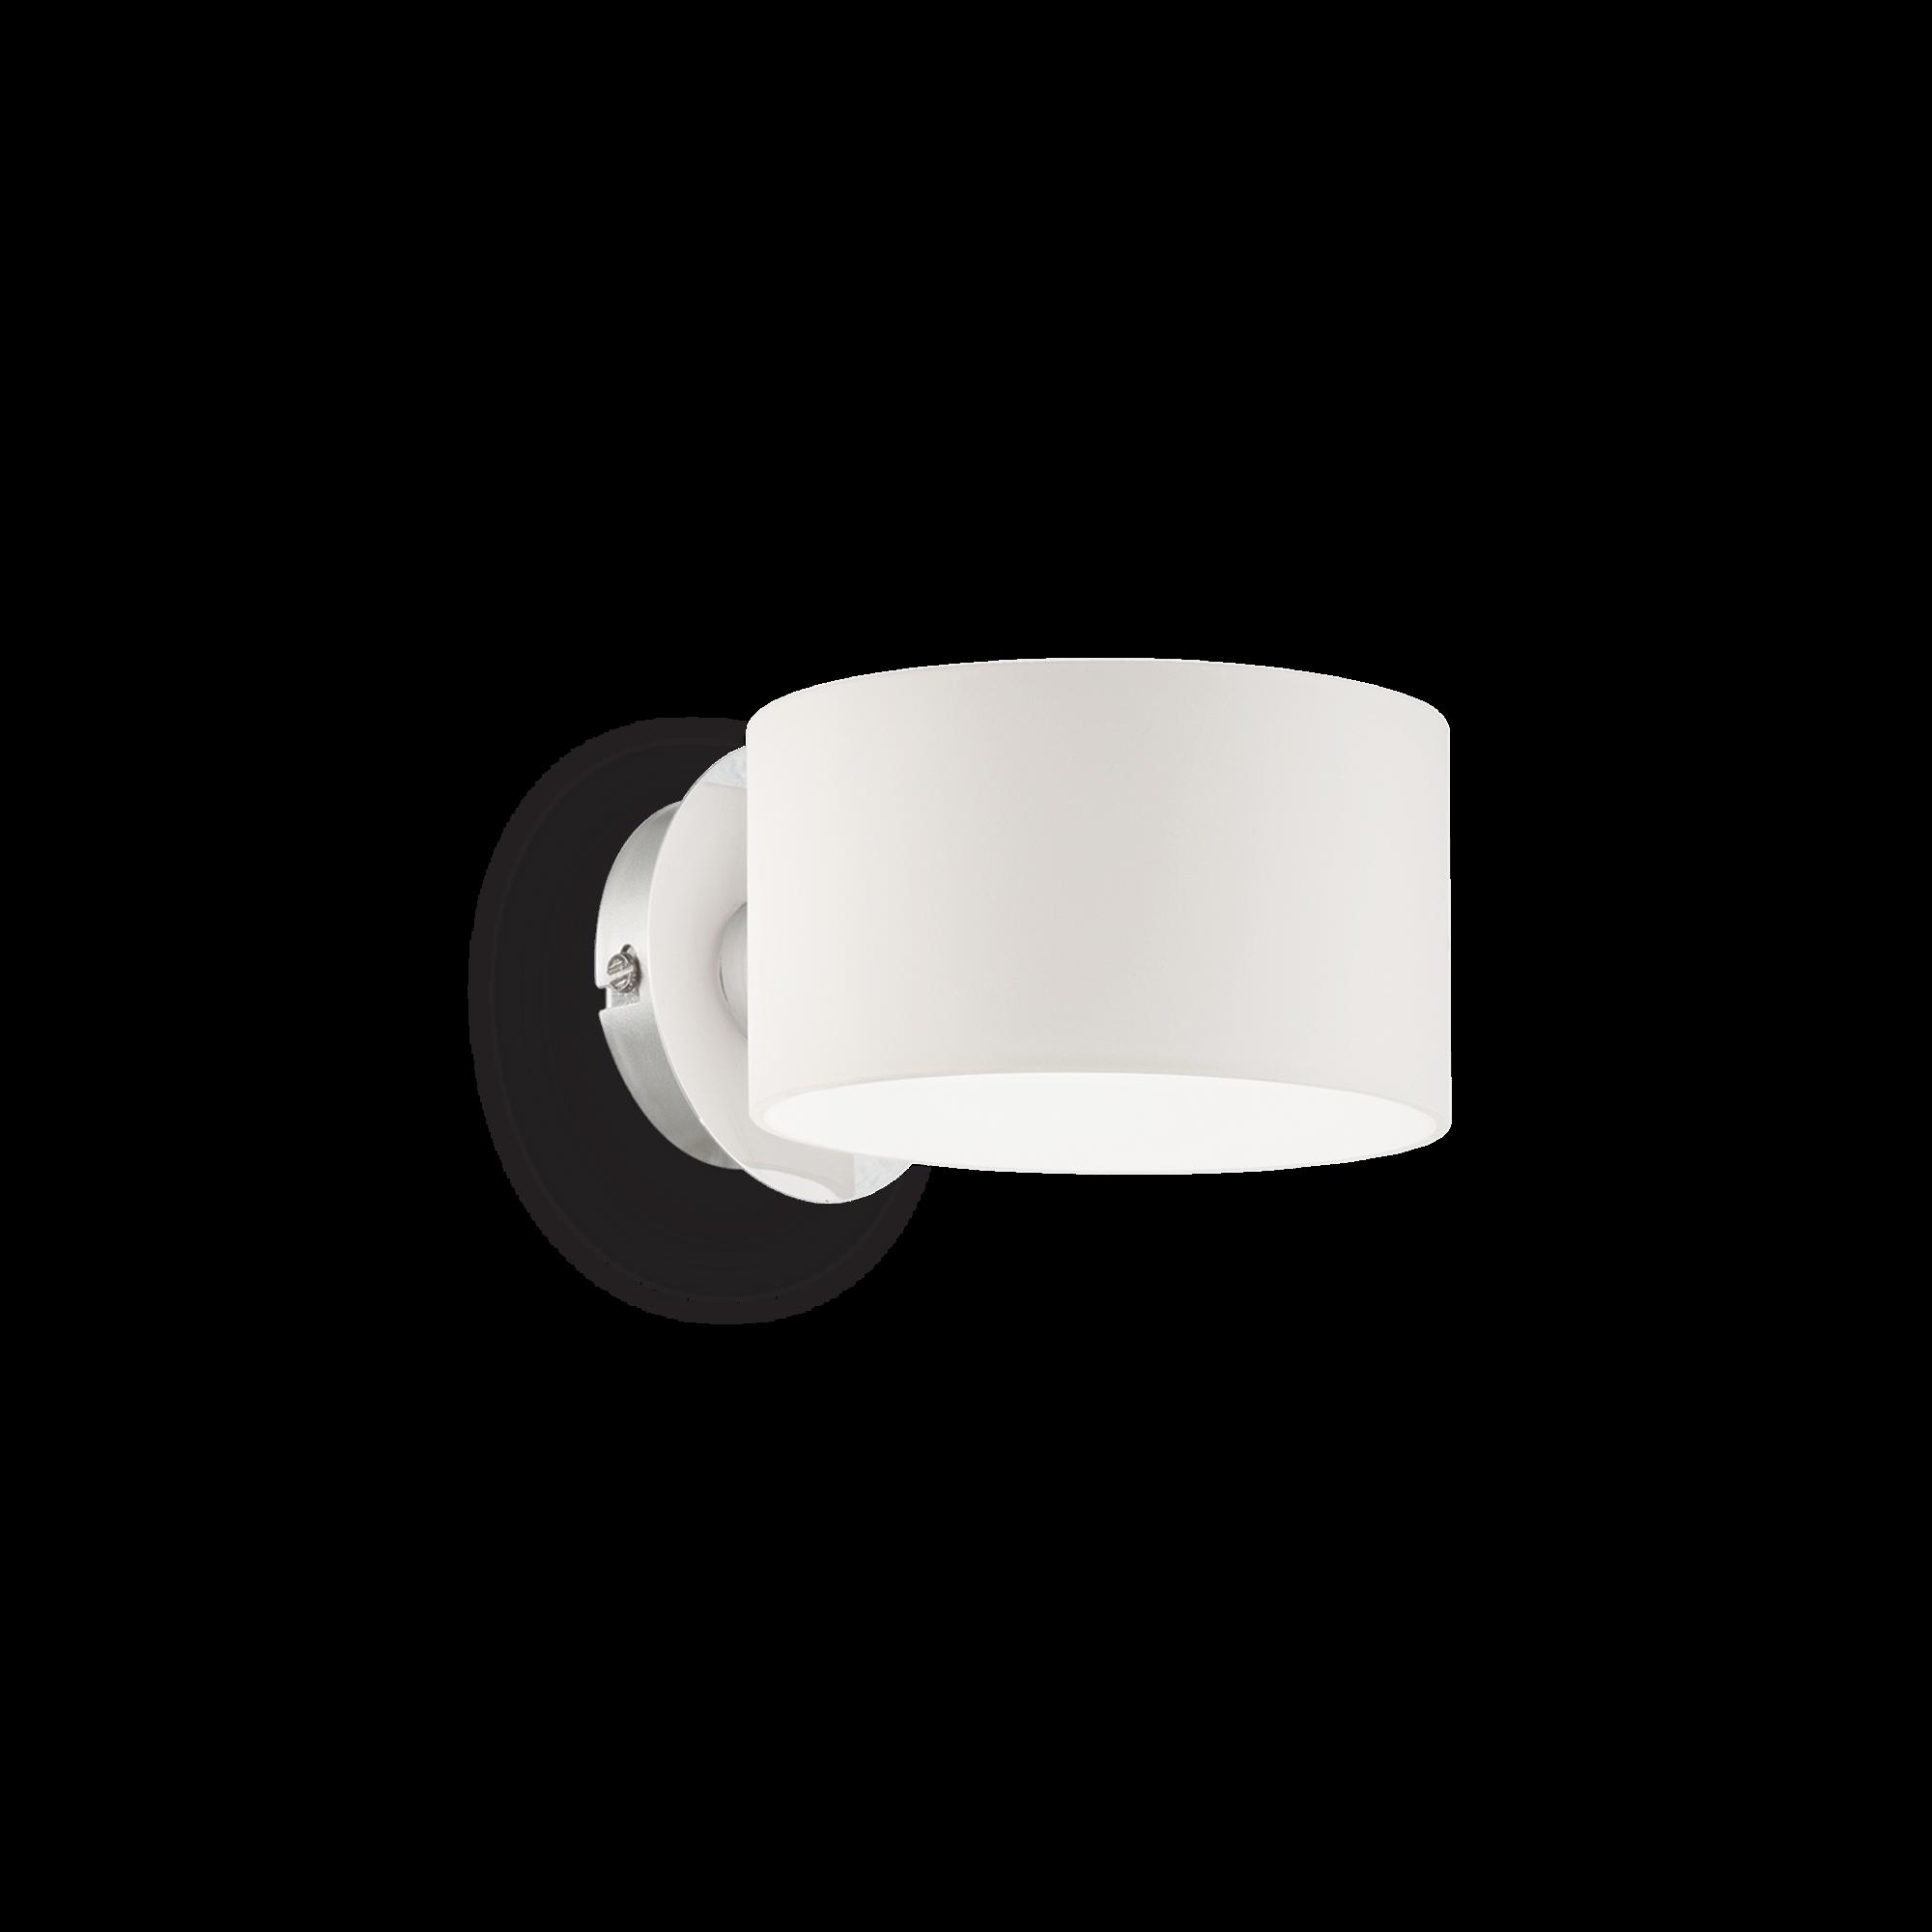 Ideal Lux 028361 Anello AP1 Bianco Modern fali lámpa